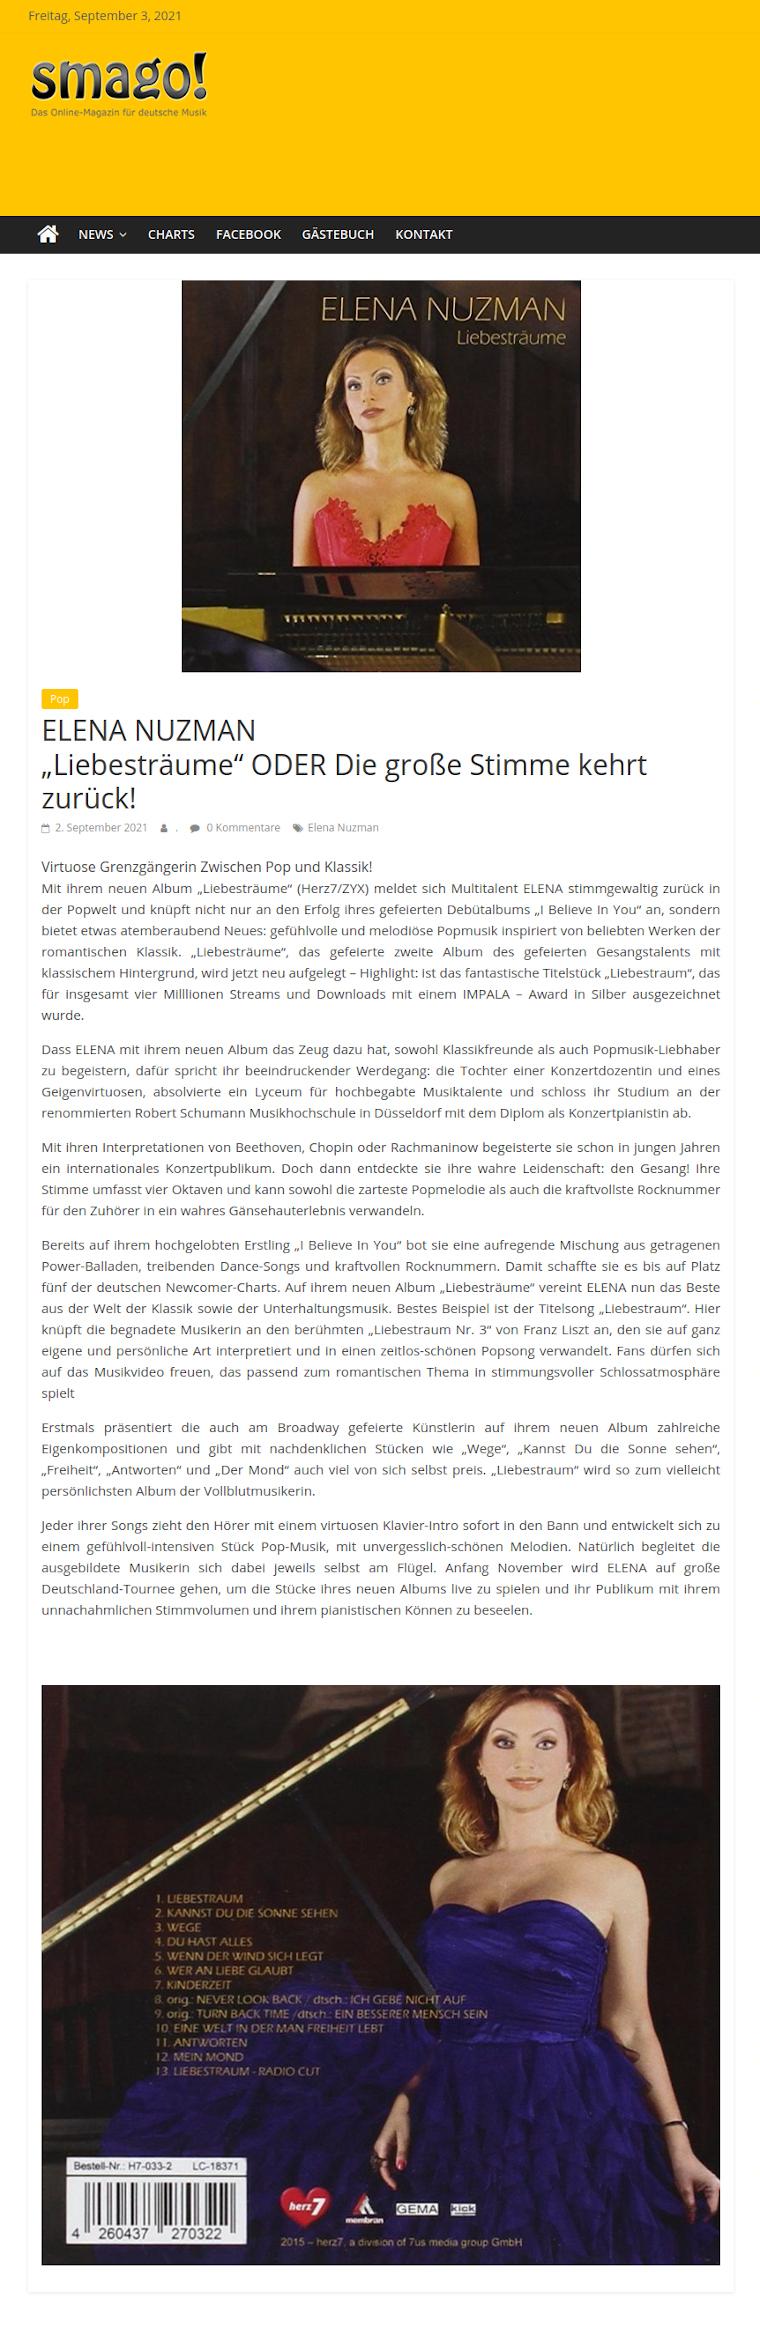 Elena Nuzman - News - smago.de - September 2021